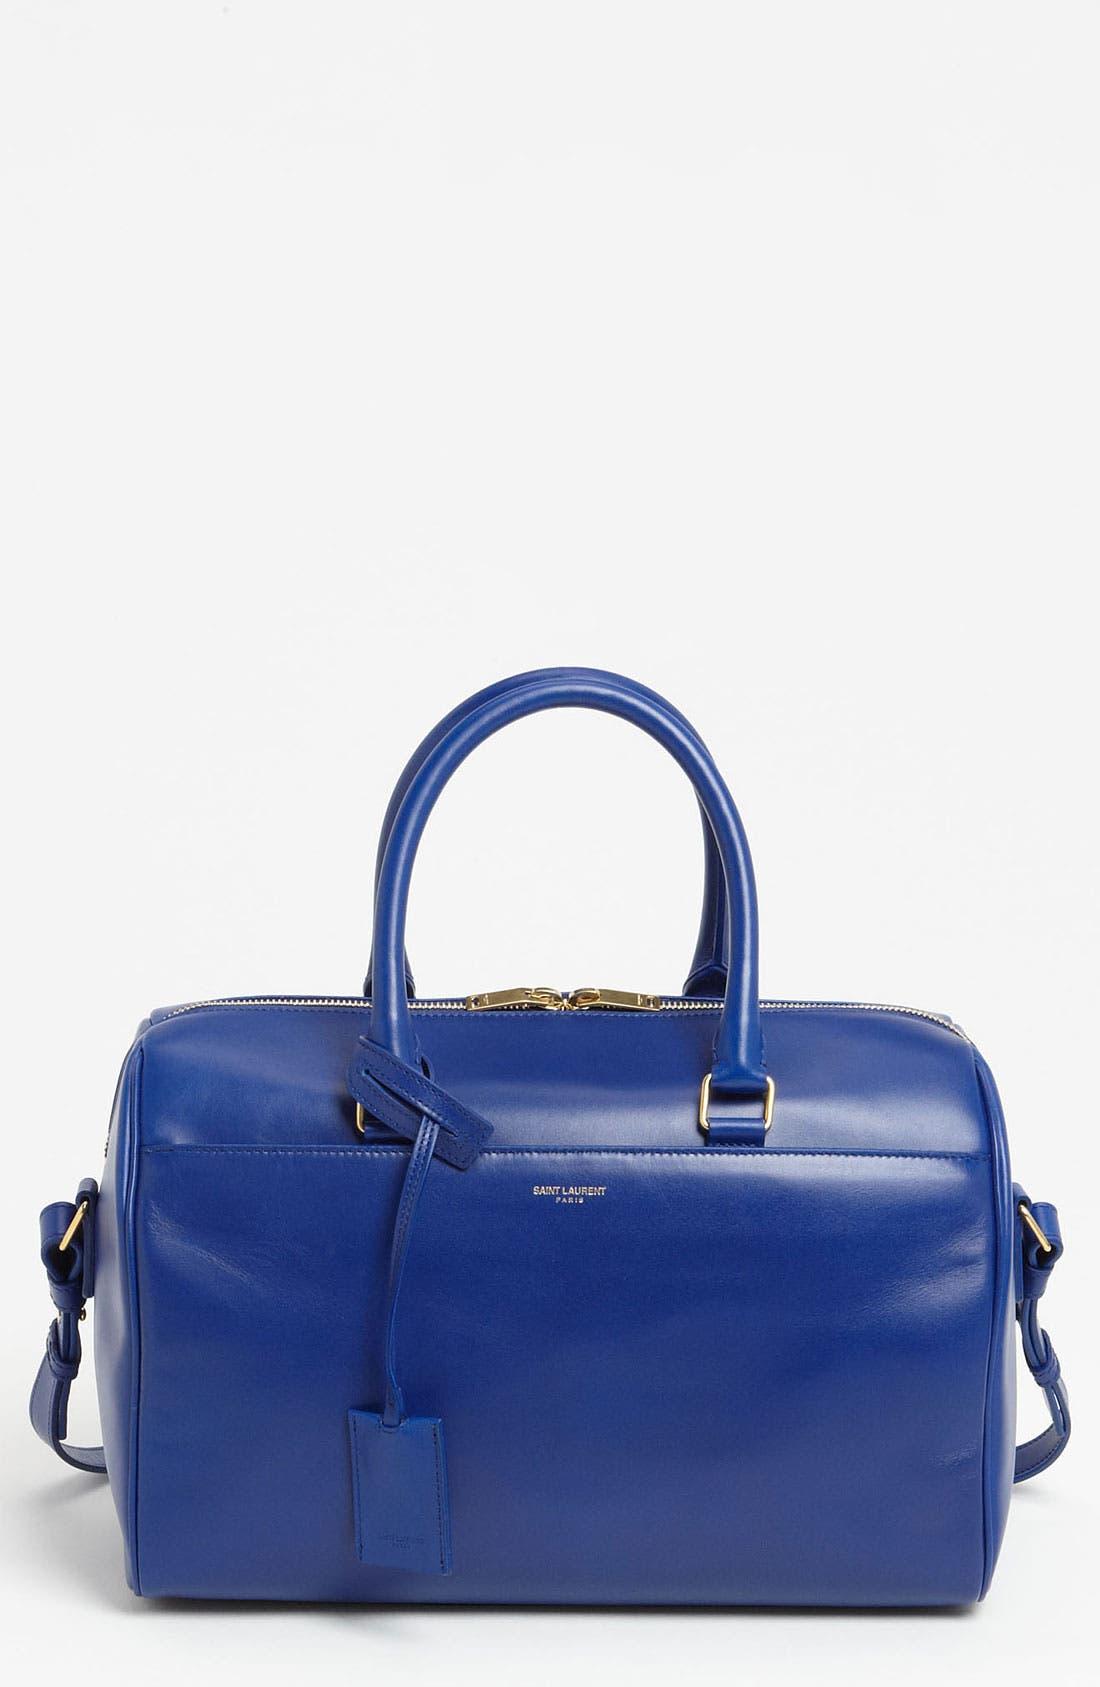 Main Image - Saint Laurent 'Duffle 6' Leather Satchel